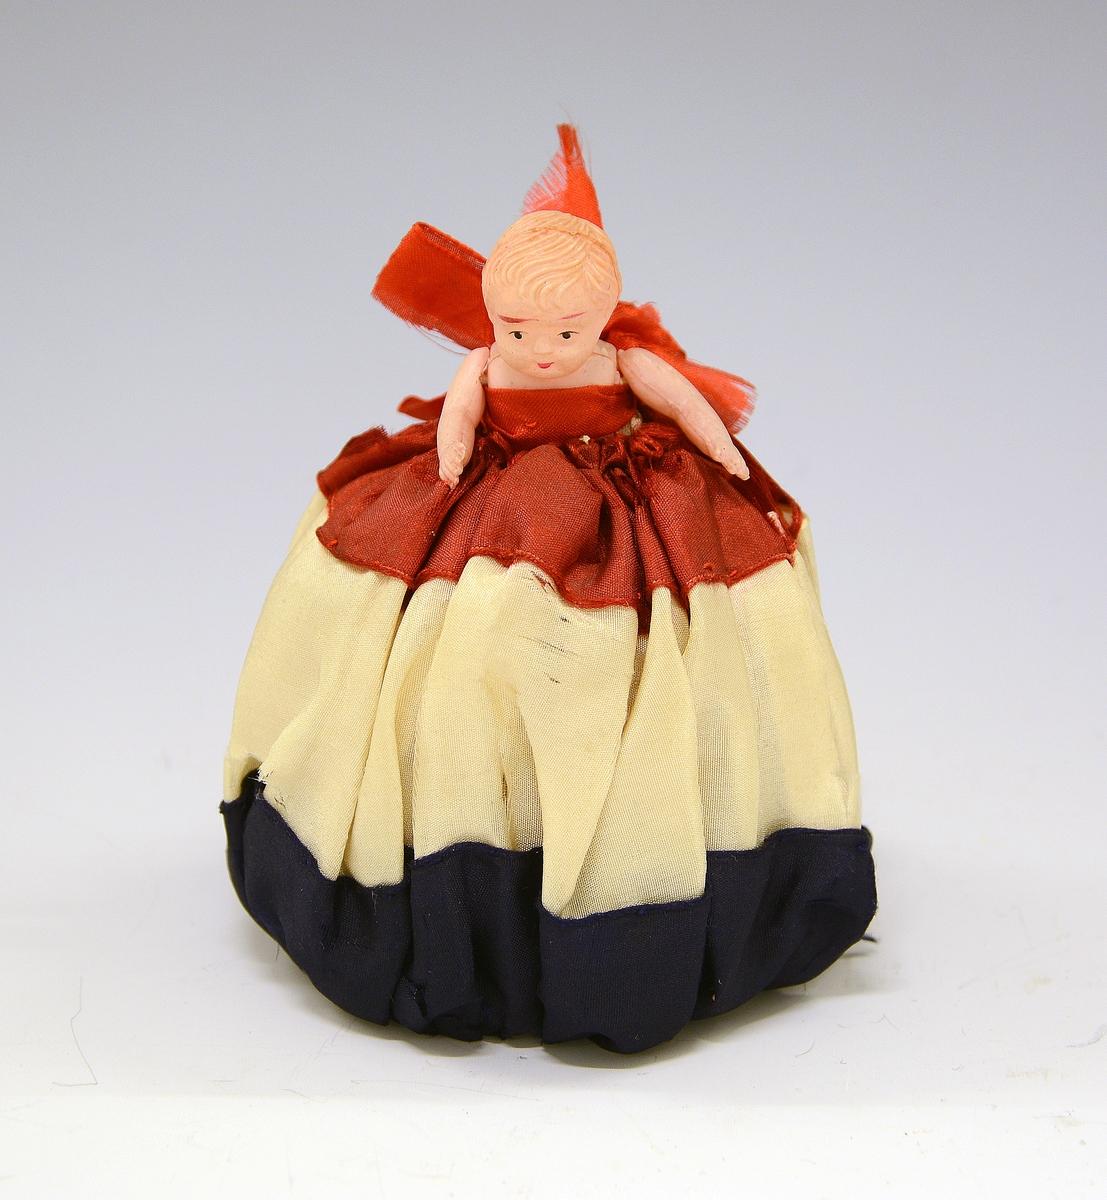 Dukke med stort skjørt i rødt, hvitt og blått. Dukken i plast.